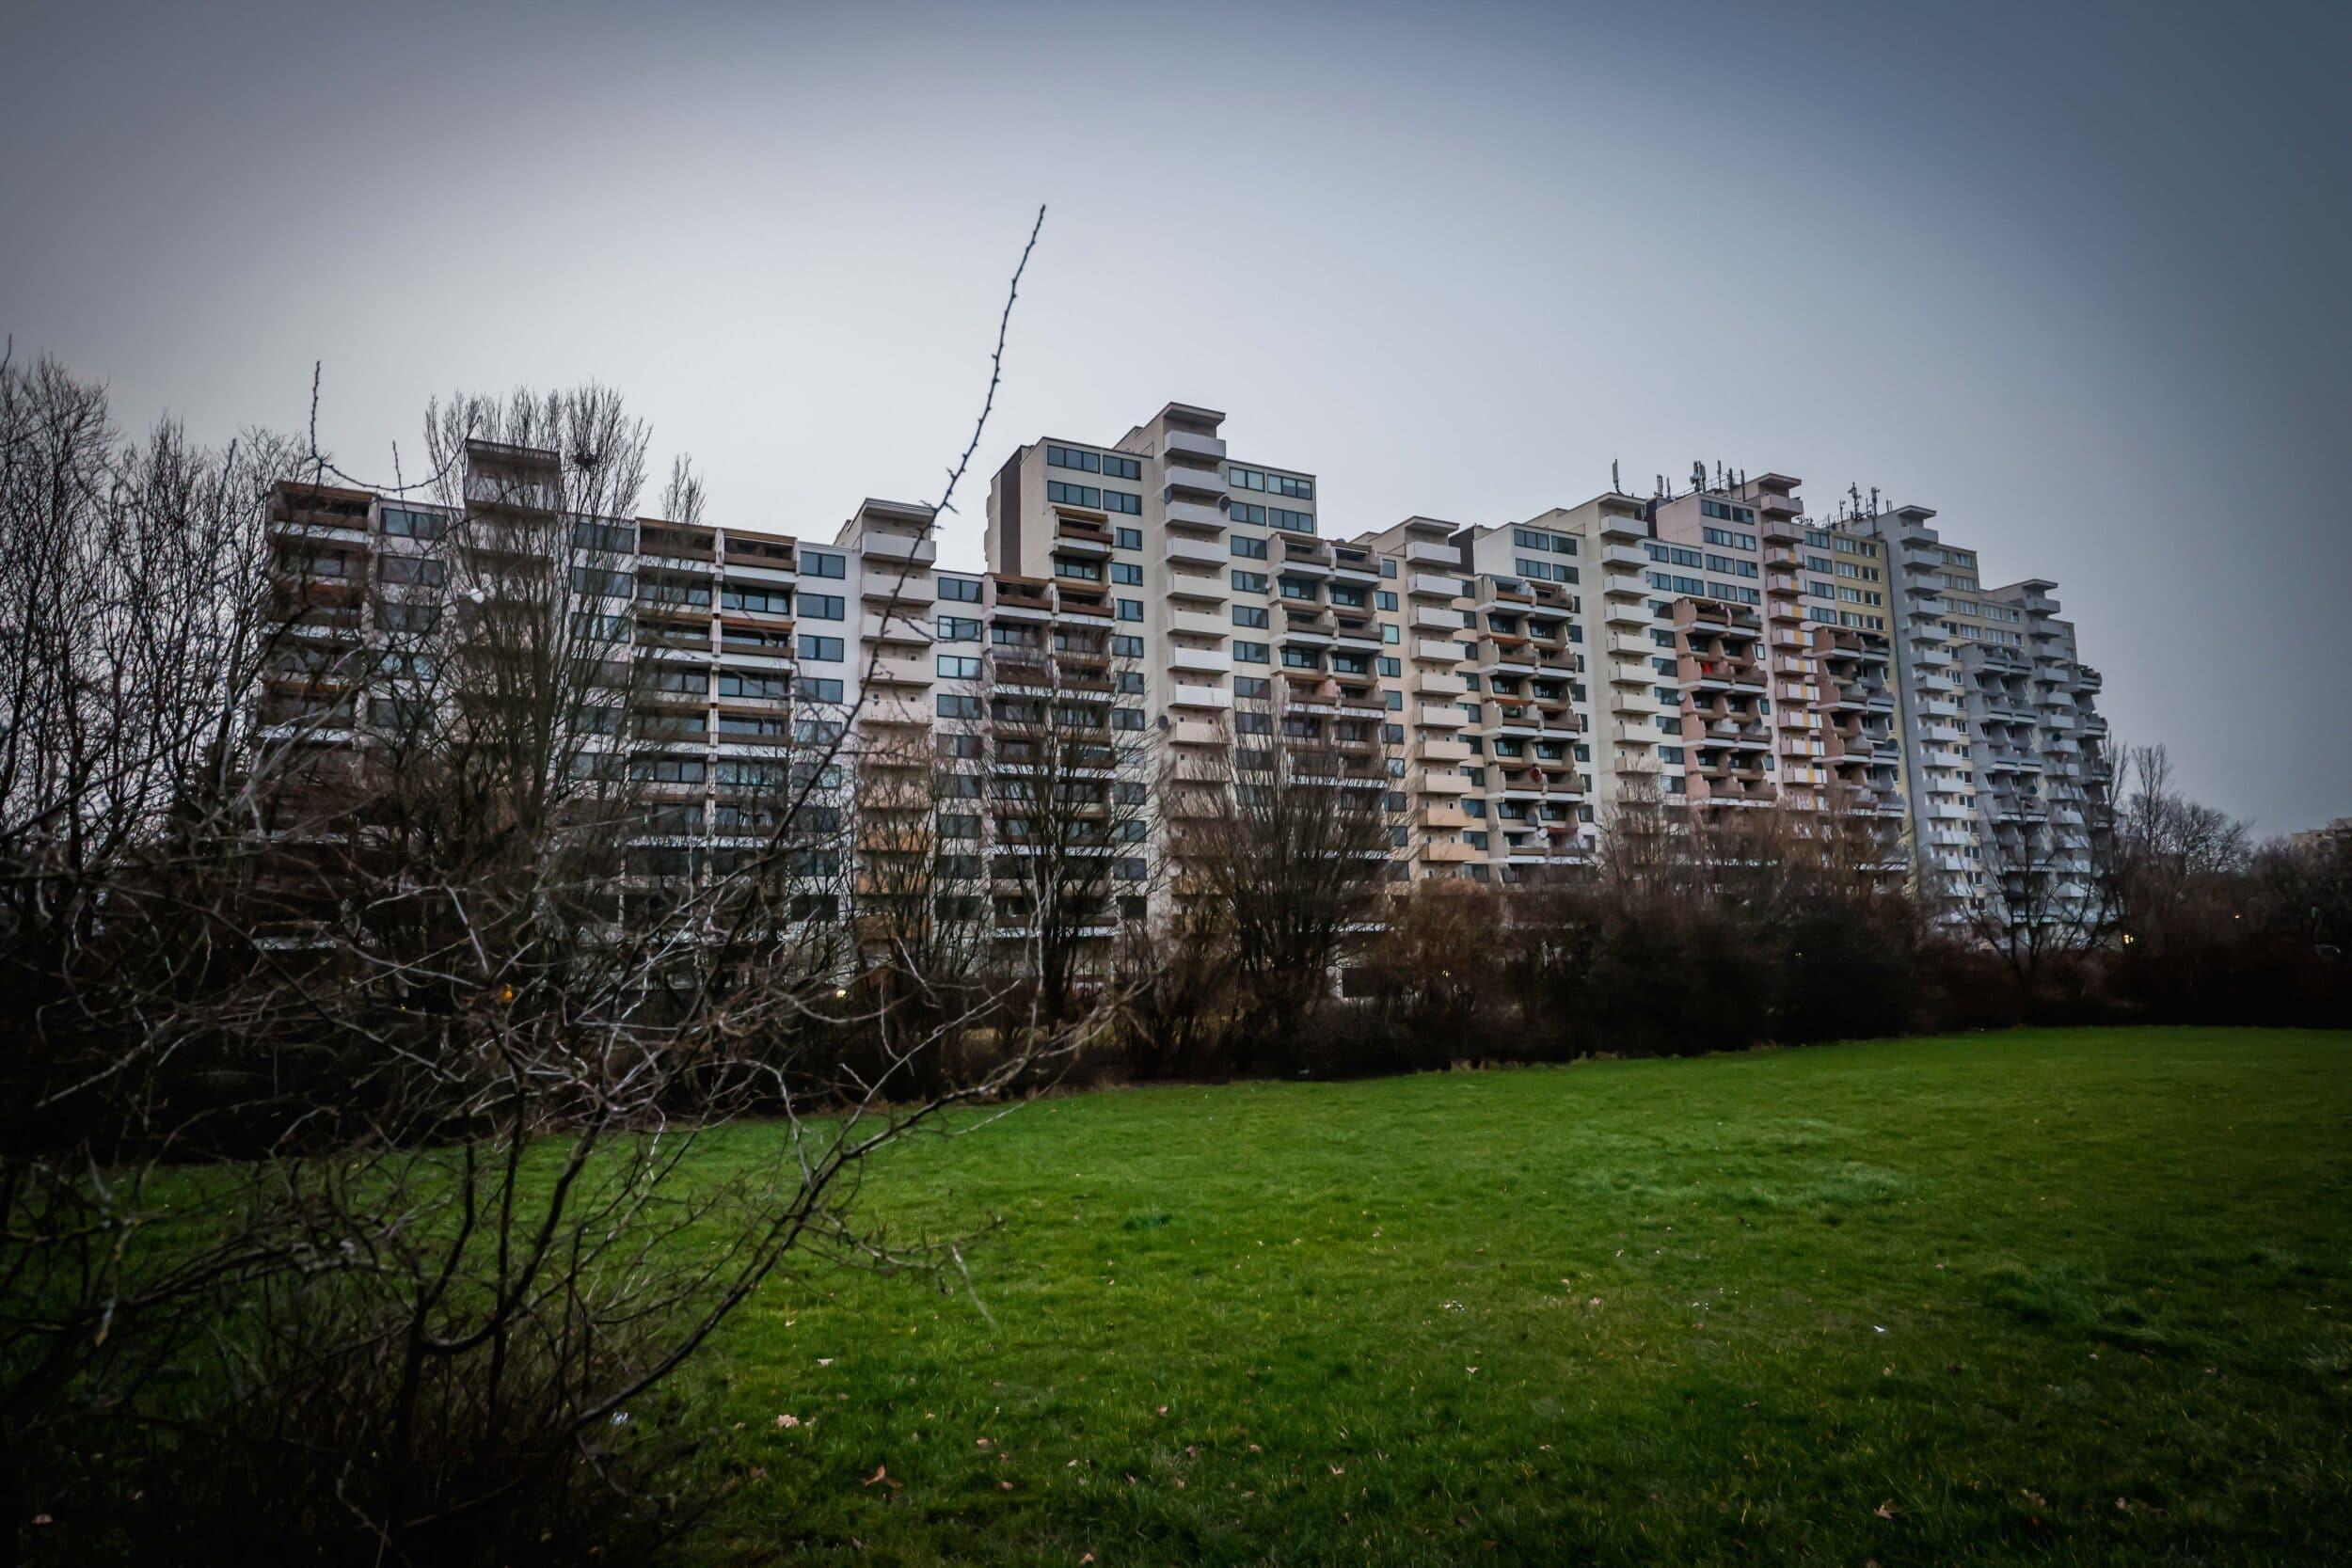 Der Dortmunder Mieterverein hofft auf ein Ende des Sanierungsstaus im Dorstfelder Hannibal. (Foto: Stephan Schütze/IN-StadtMagazine)